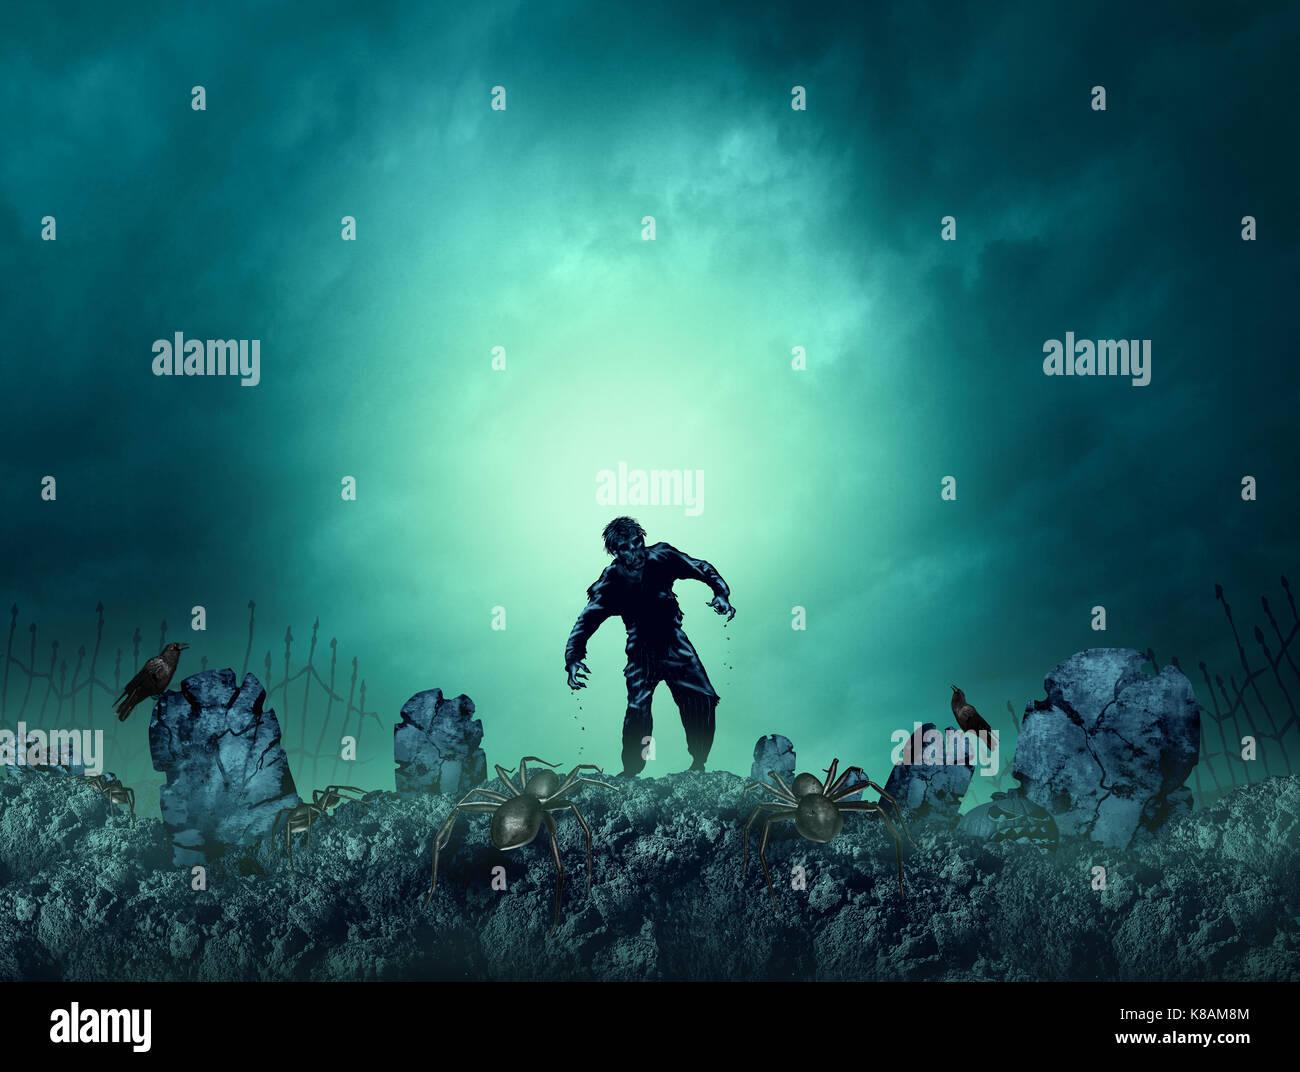 Zombie grave halloween Hintergrund als gruselig zu Fuß Monster in einen leeren Bereich für Text wie eine Stockbild